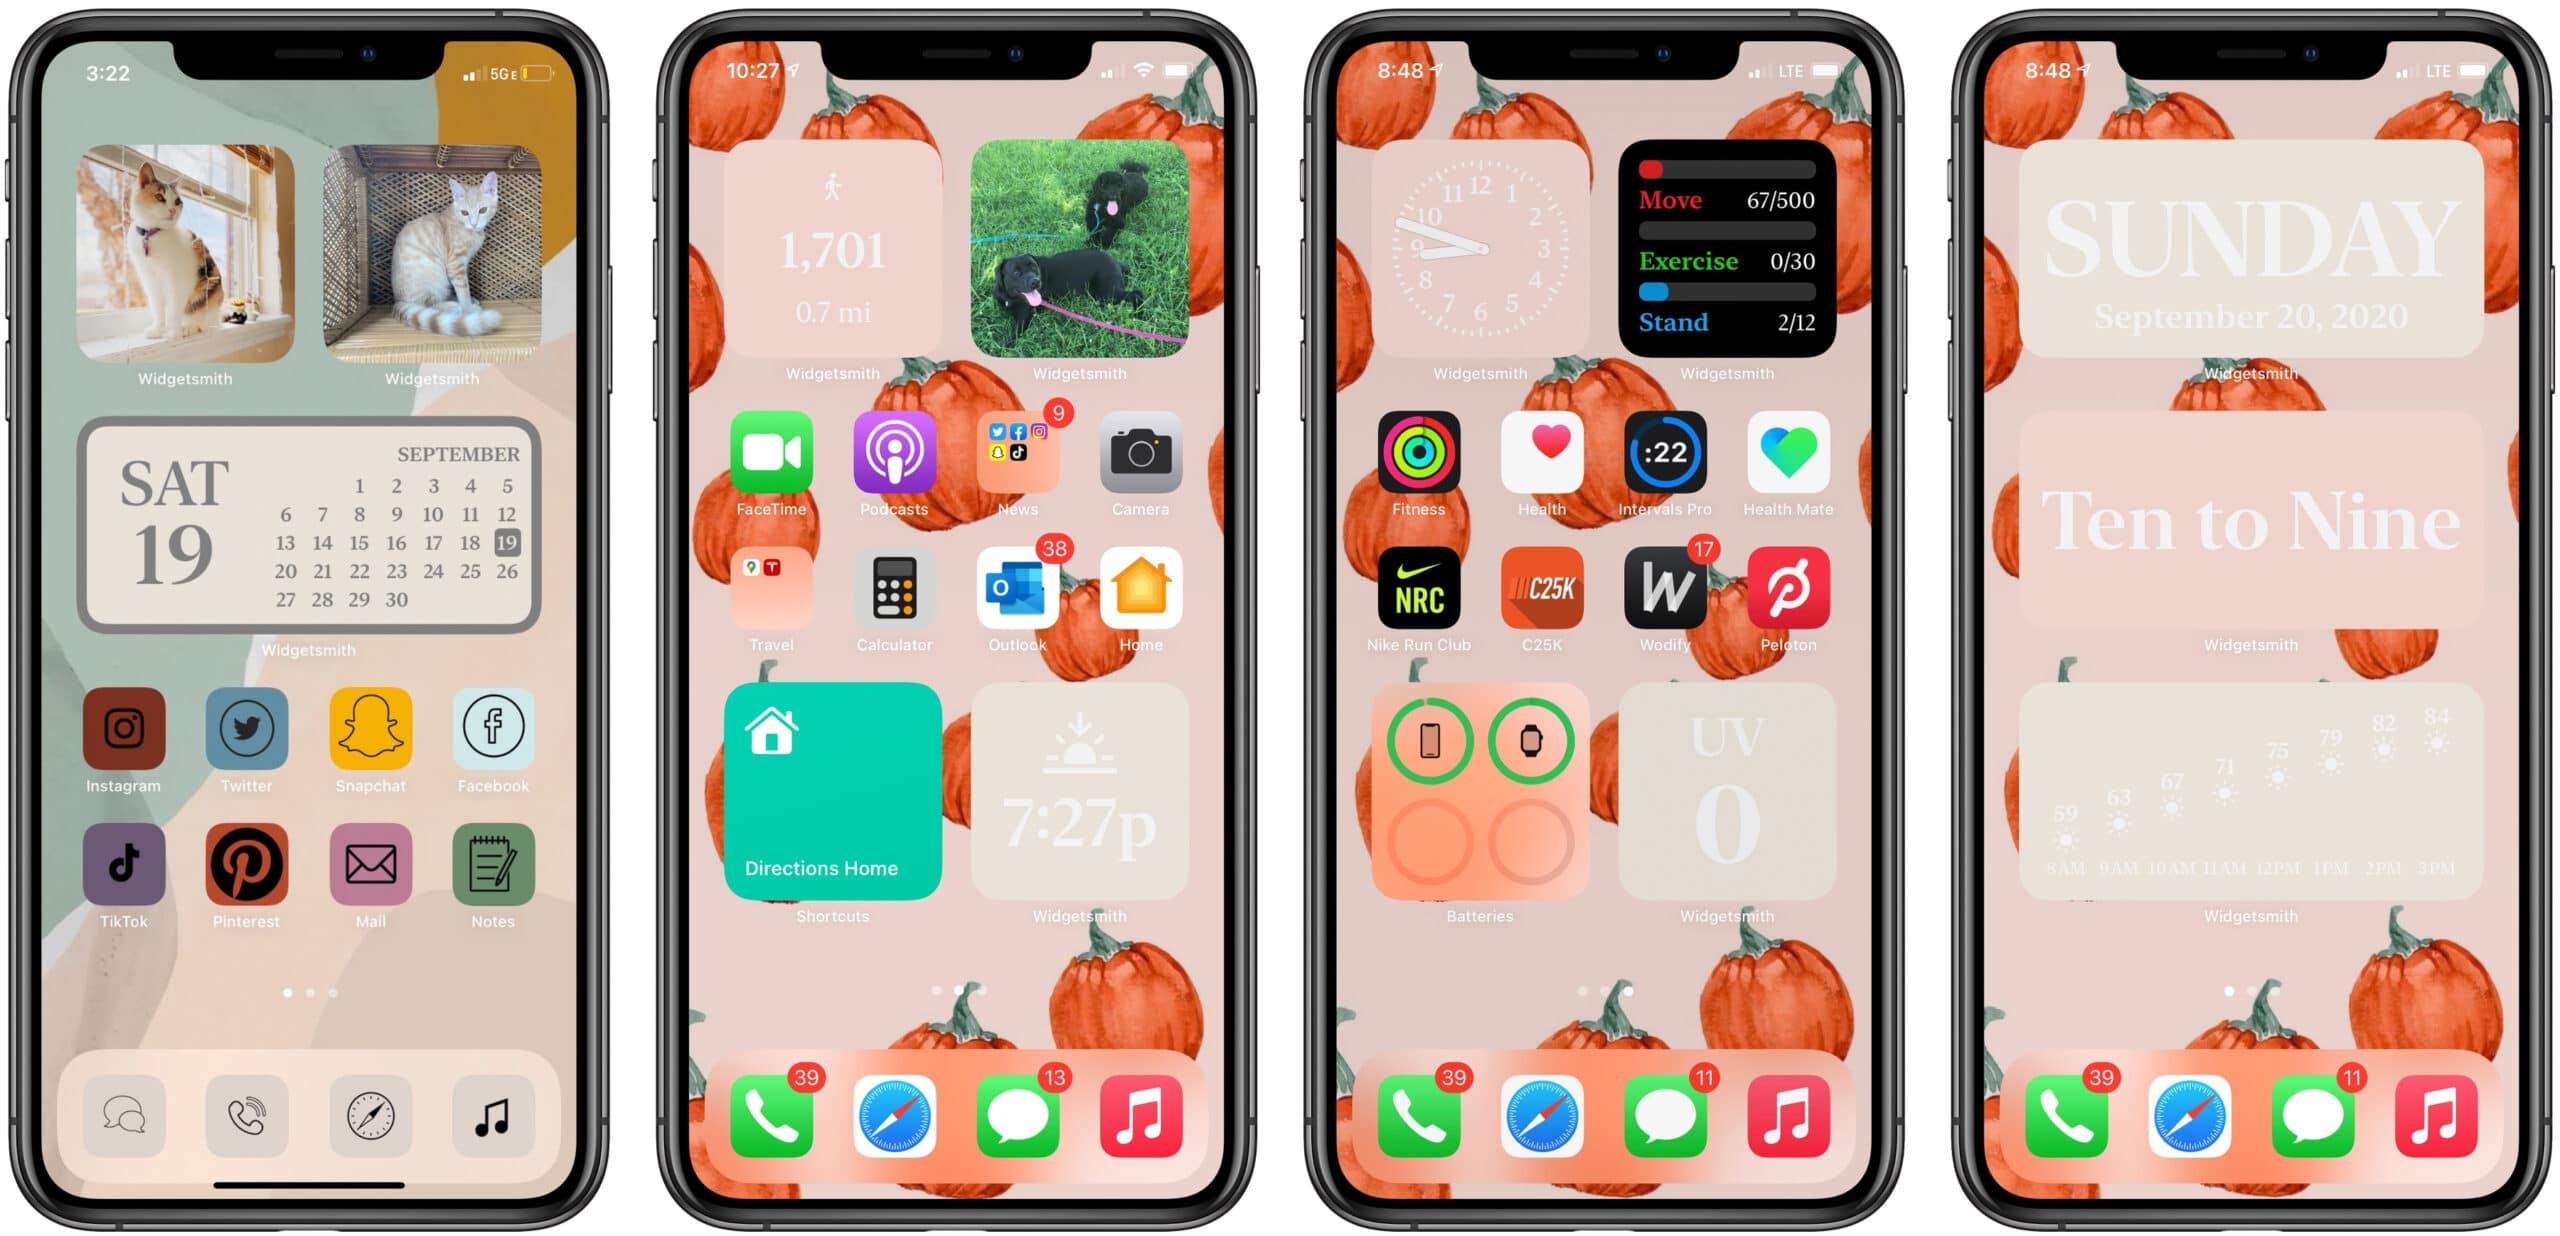 Widgets do Widgetsmith na tela inicial